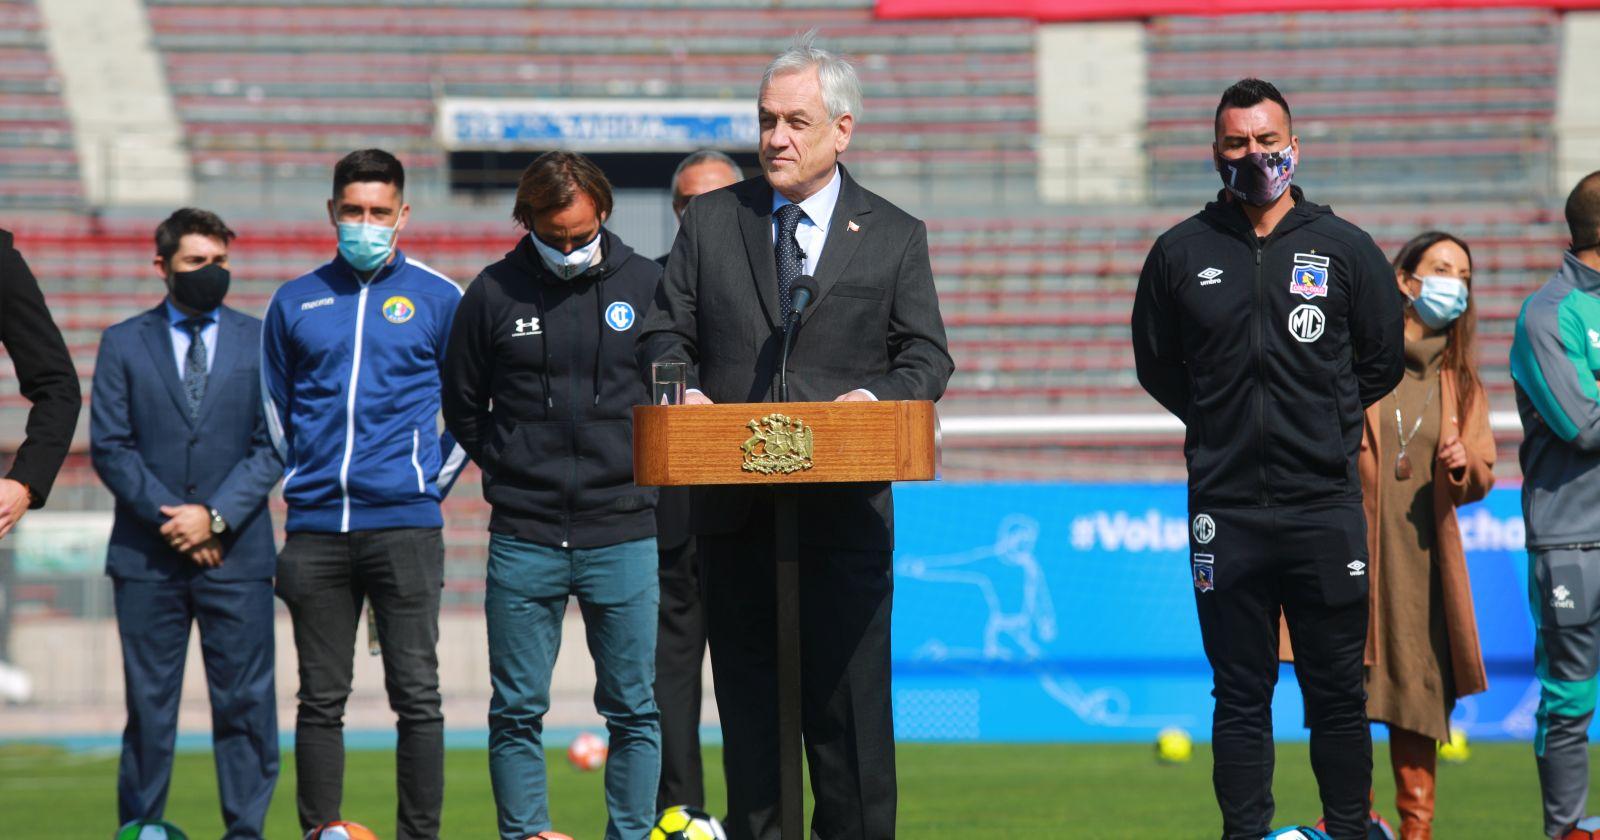 Presidente Piñera anuncia el regreso del fútbol para el 29 de agosto